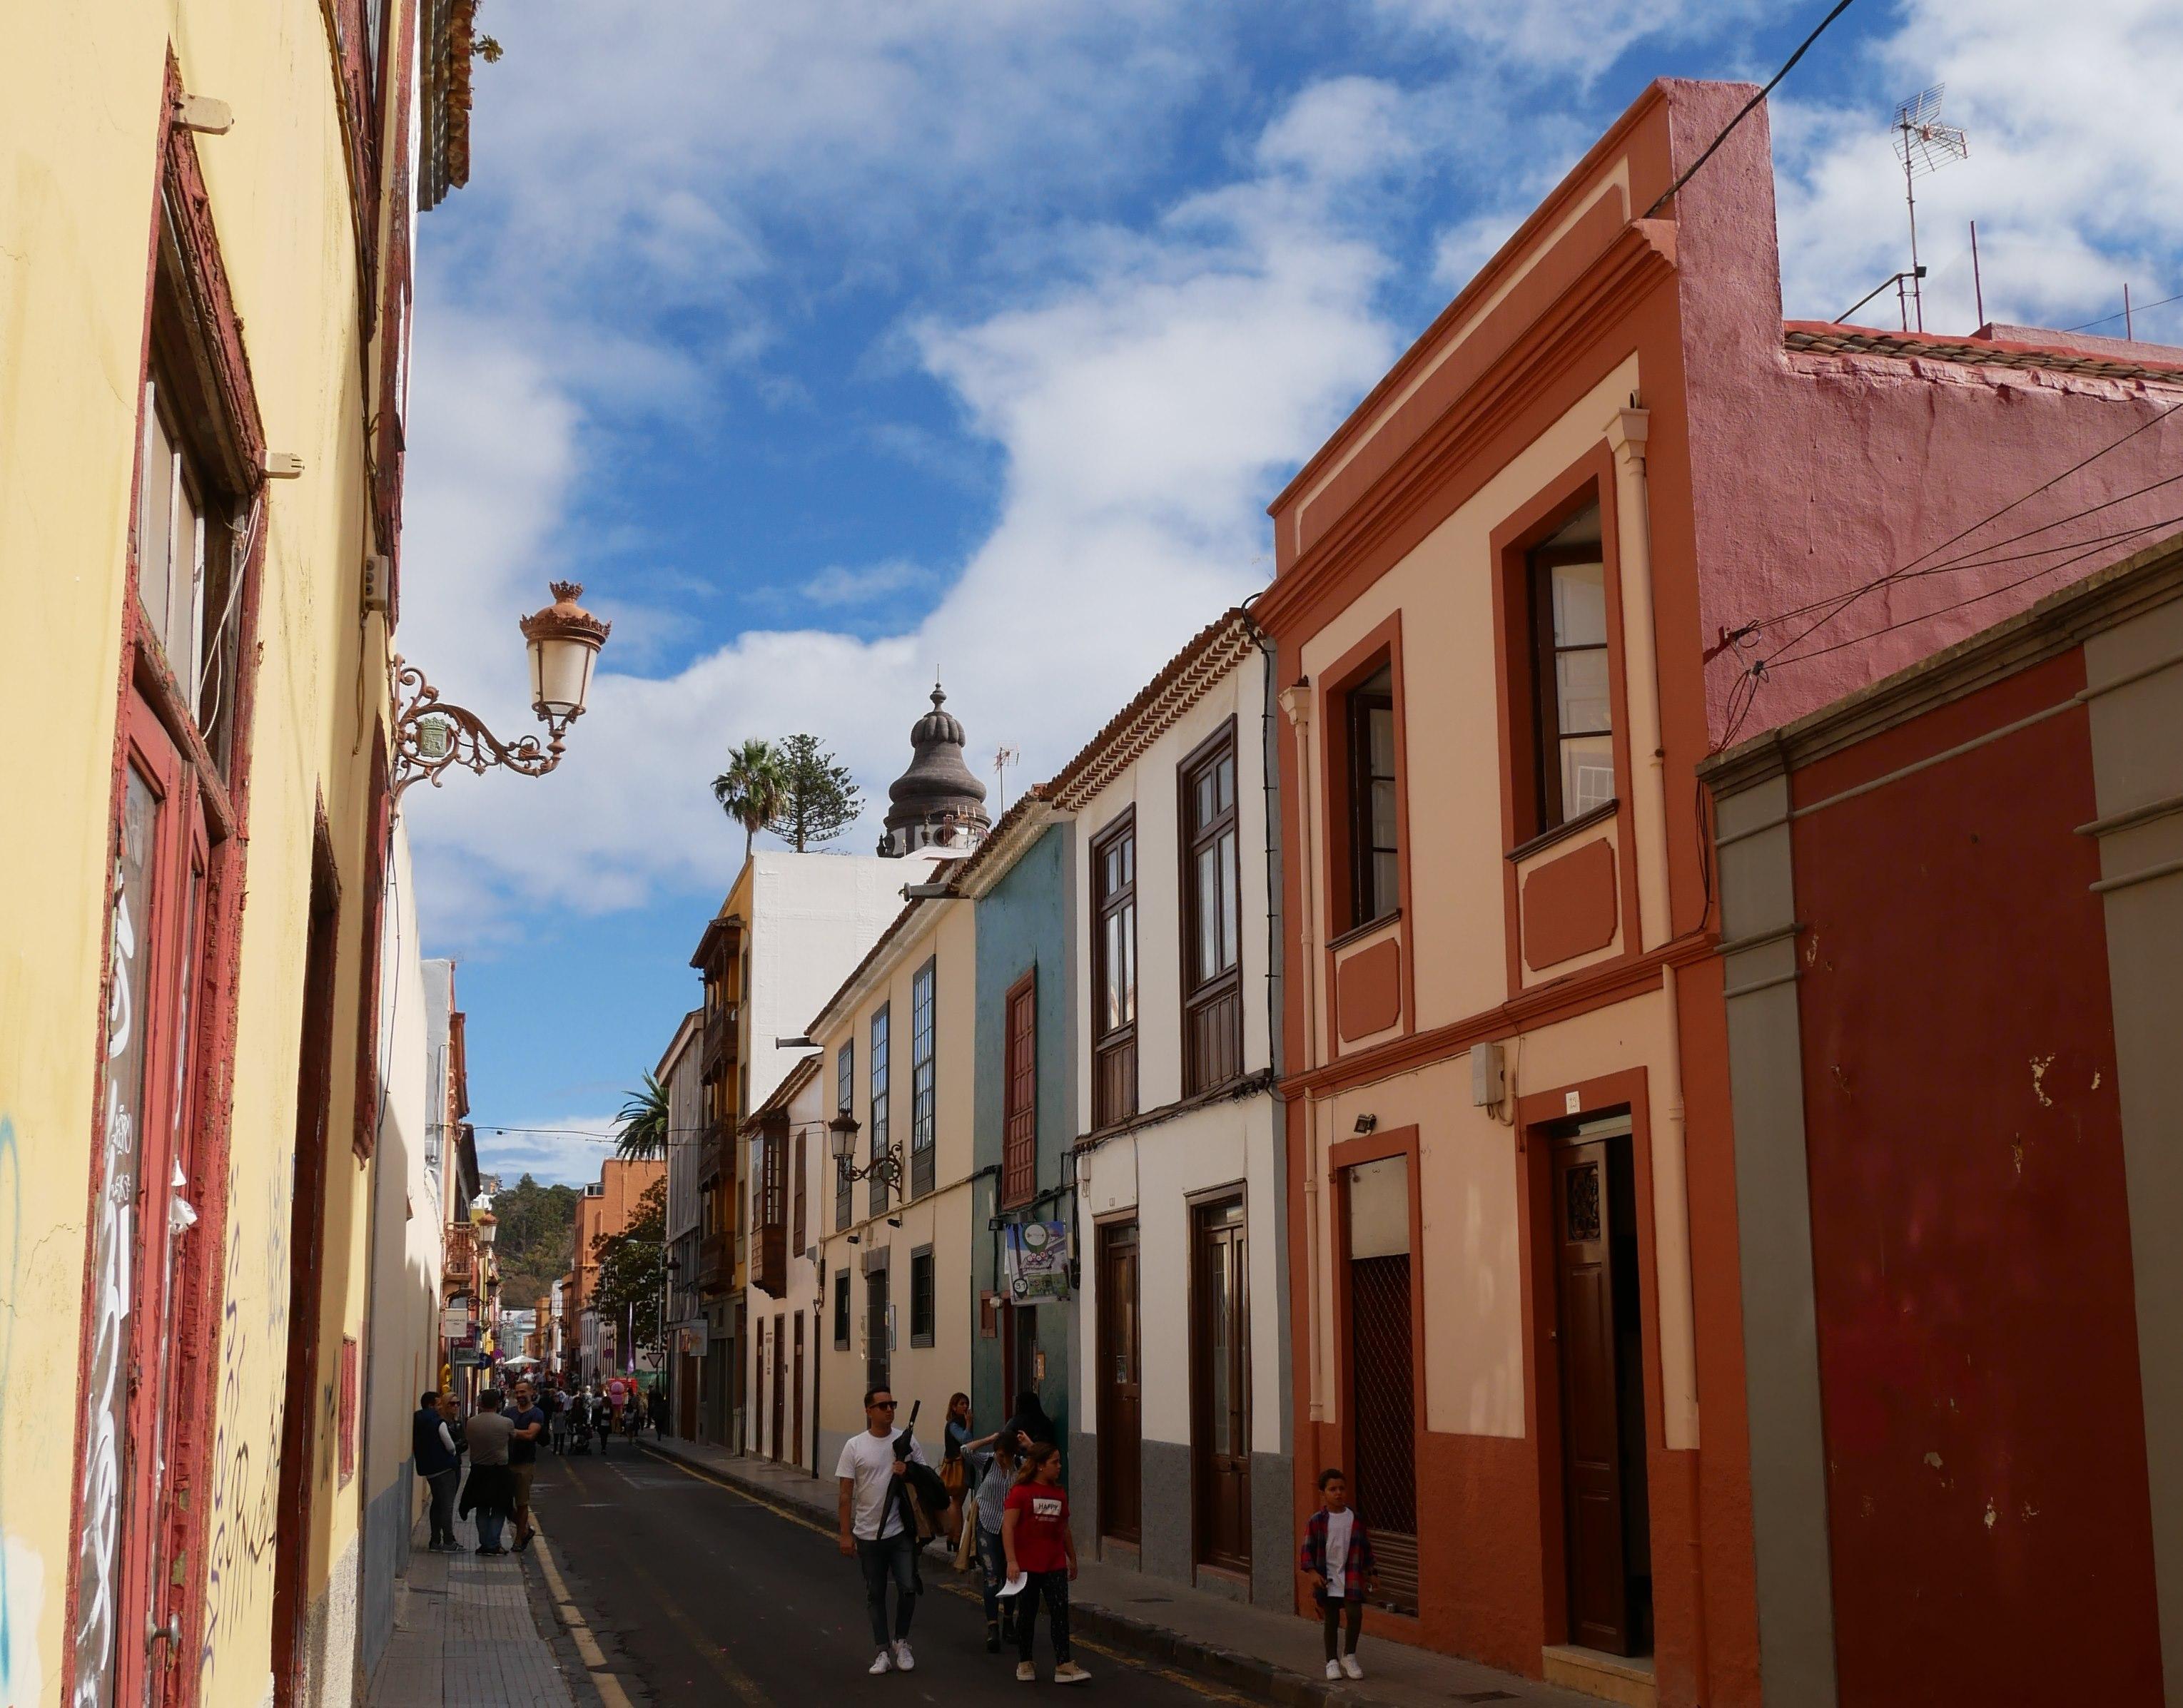 Top Sehenswürdigkeit auf Teneriffa: La Laguna ist ein Besuch wert